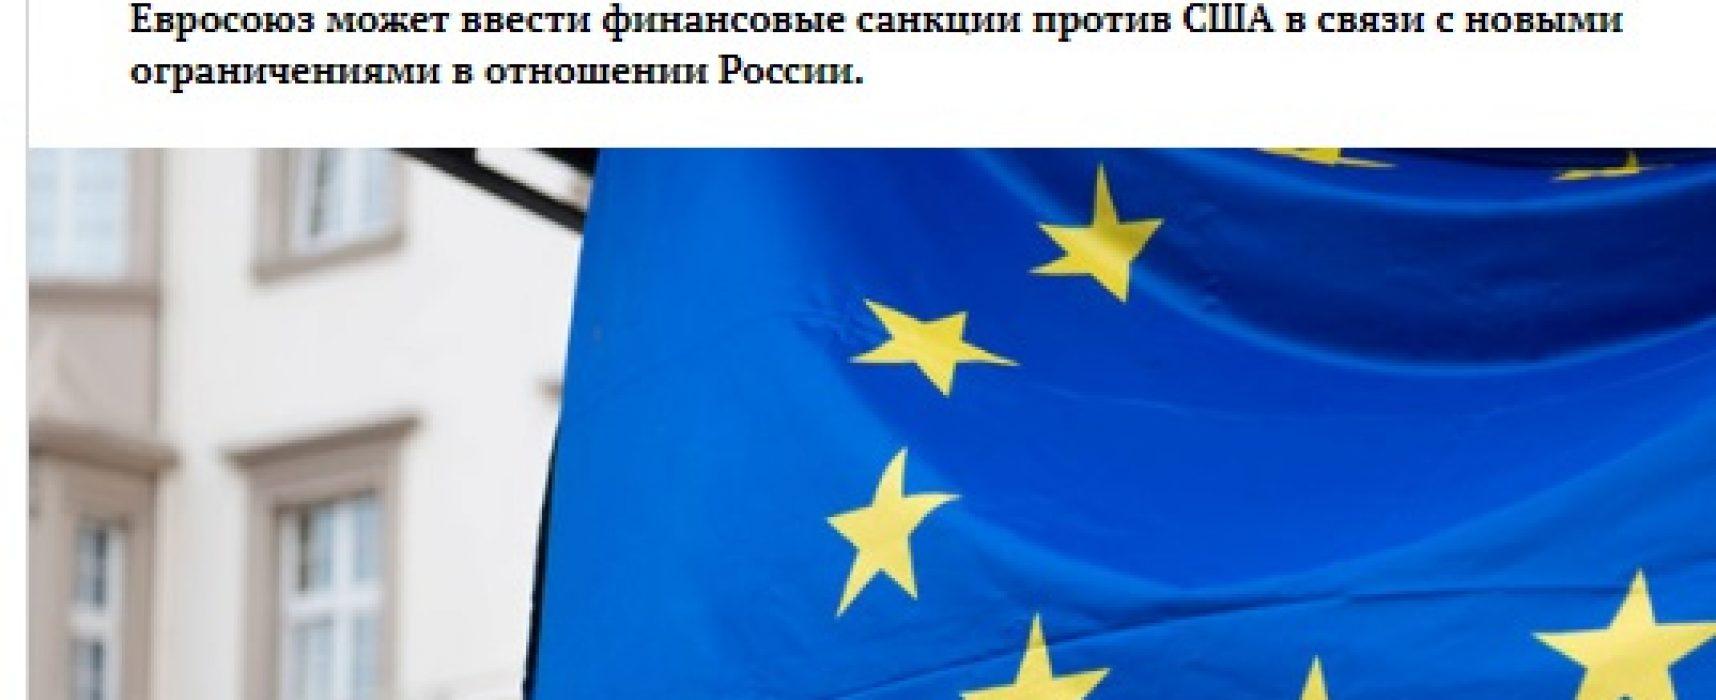 Фейк: Евросоюз введет санкции против США из-за российских санкций